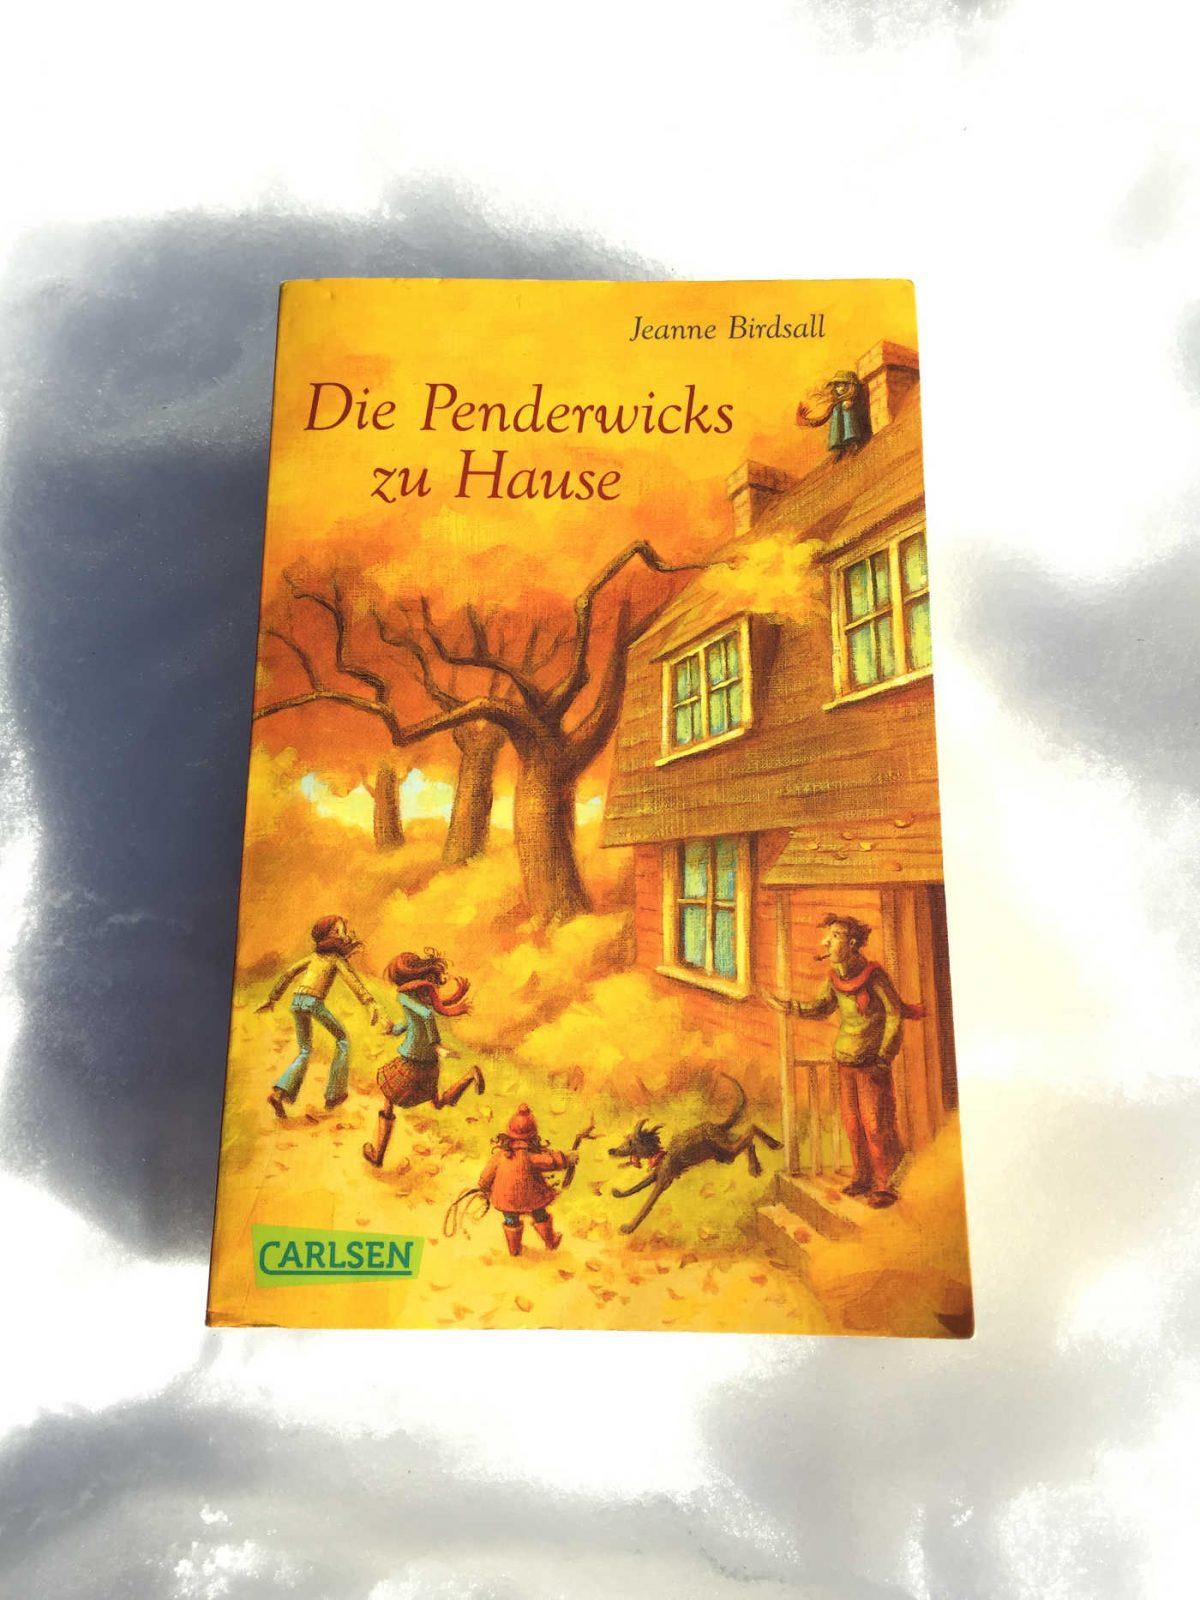 Jeanne Birdsall Die Penderwicks zu Hause Die Penderwicks 2 Buchempfehlung Buchtipp kinder jugendbuchblog kinderbuchblog Brigitte Wallinger empfehlenswert buch Mädchen Jungen geniales Kinderbuch